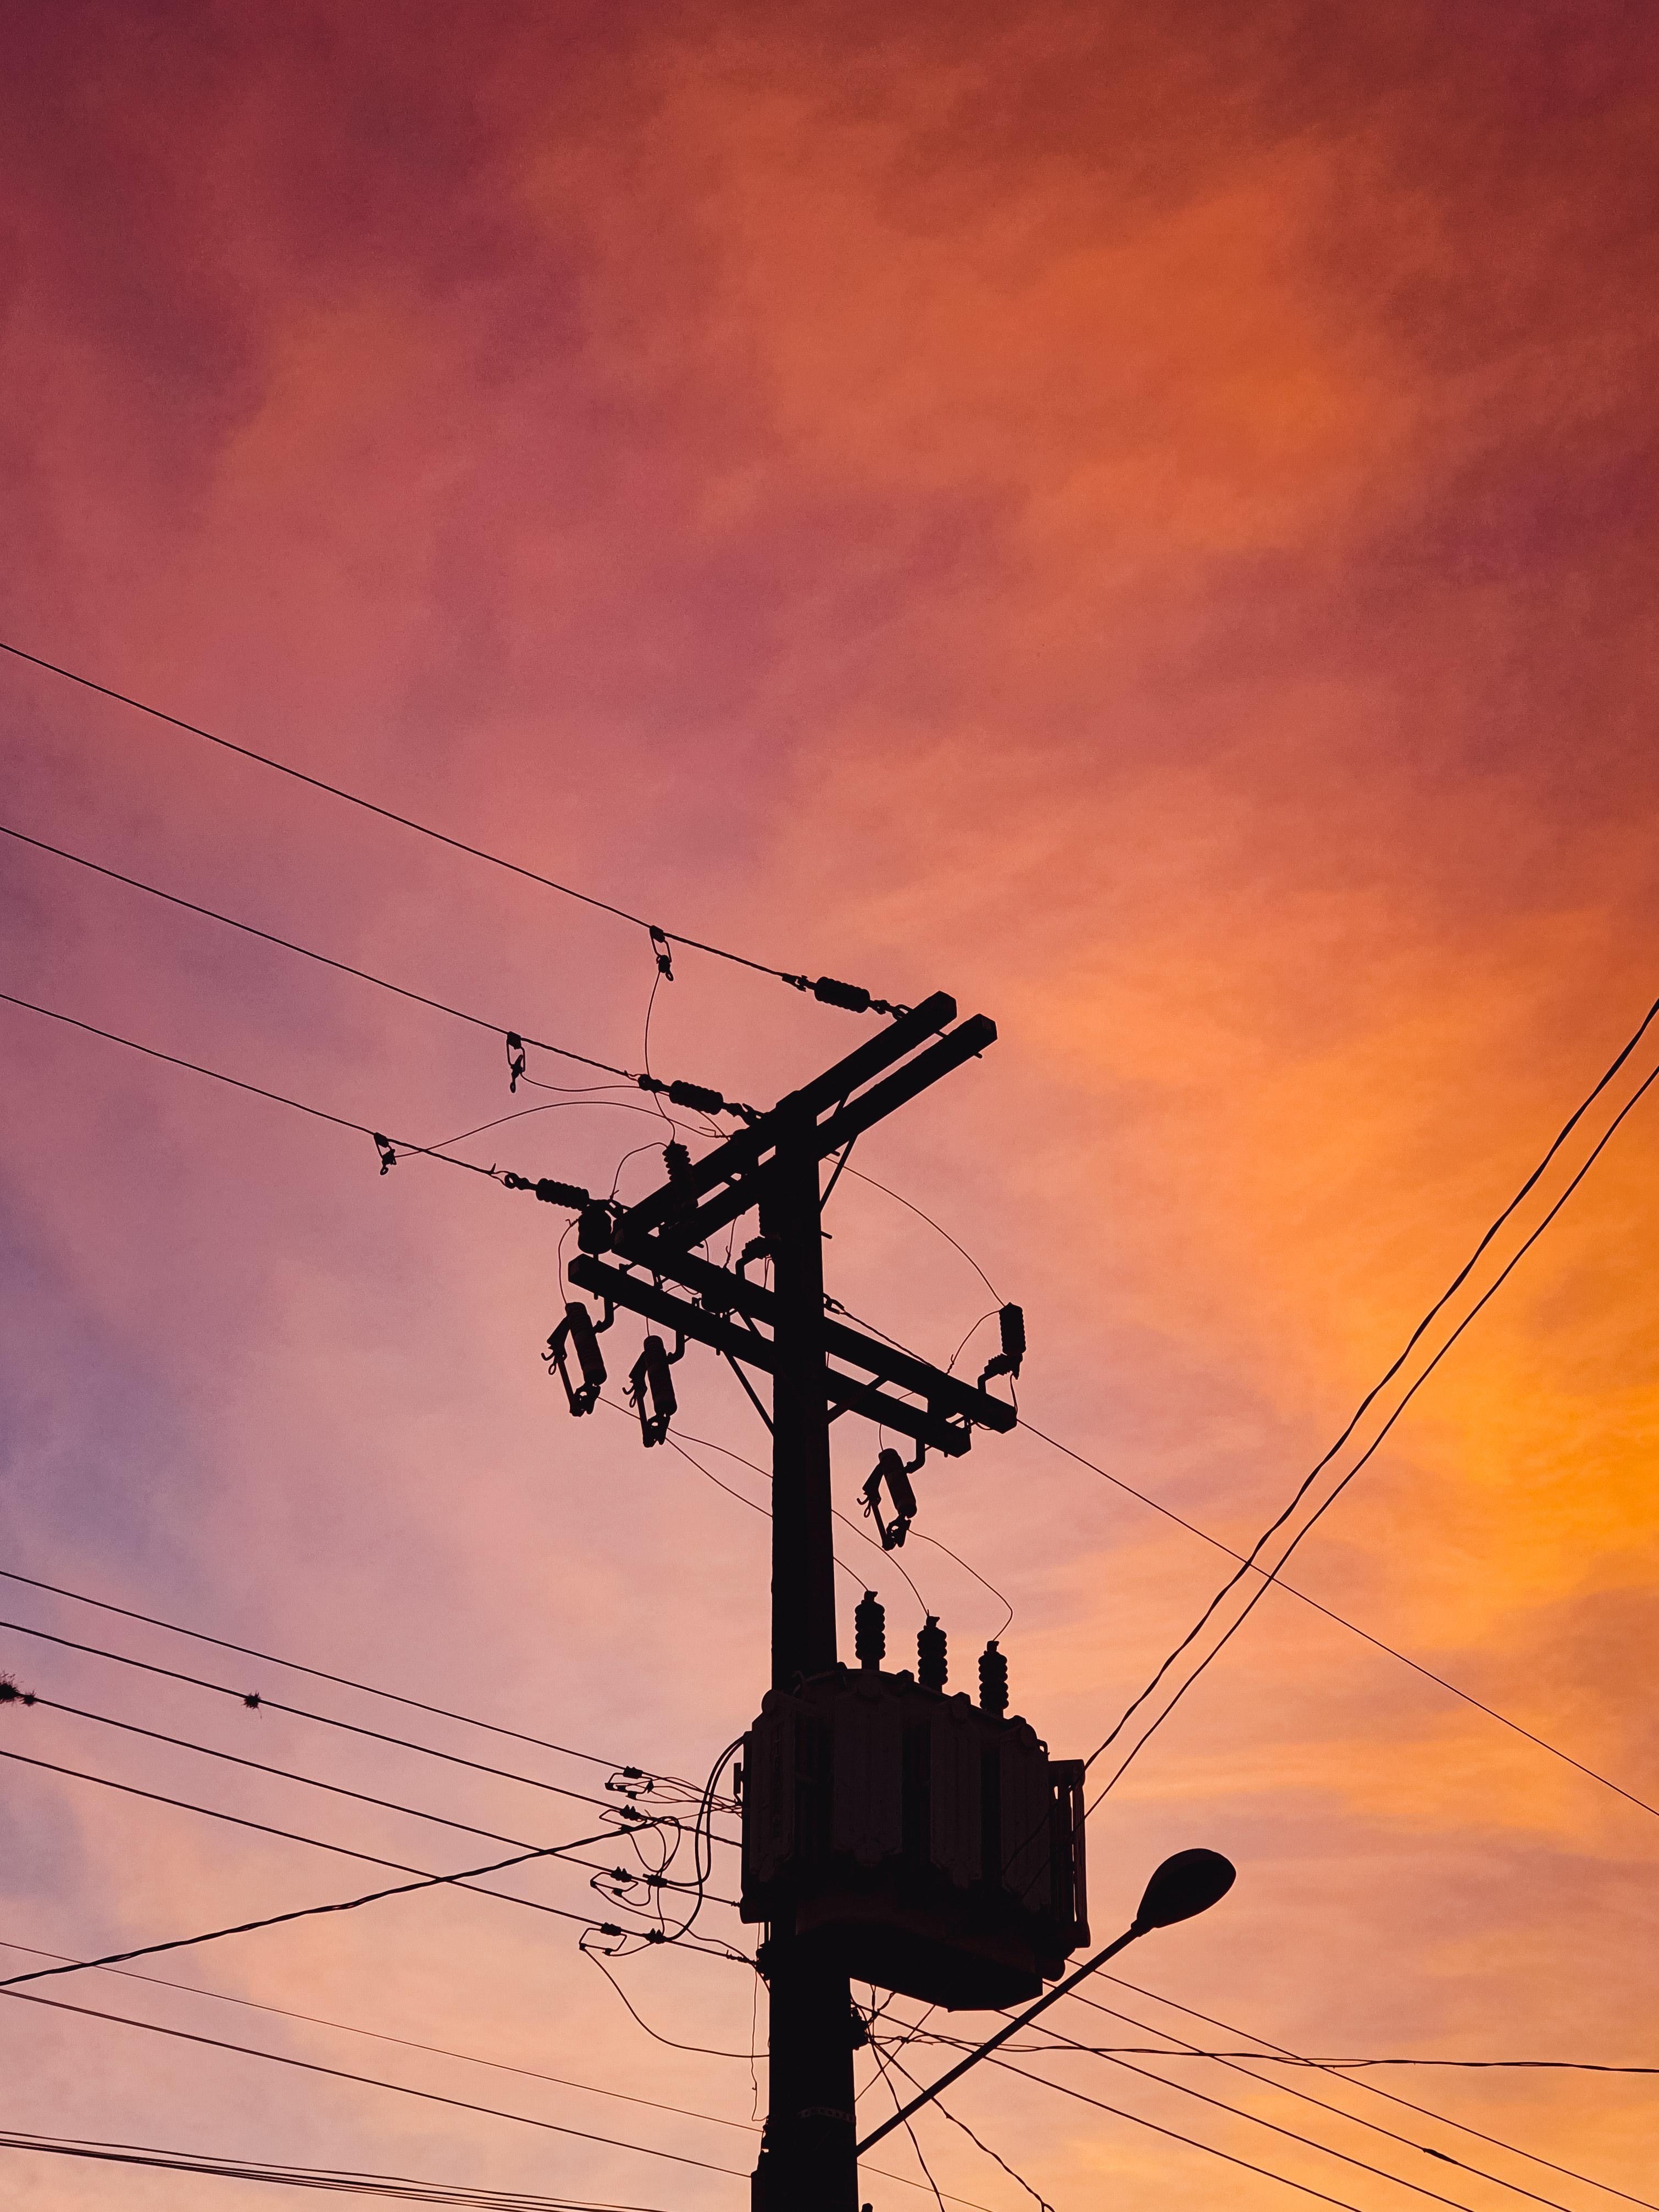 tanza di Autorizzazione Unica per la ricostruzione di tratti di linea elettrica aerea MT (15000V) nel Comune di Moconesi. Pratica EE 44.